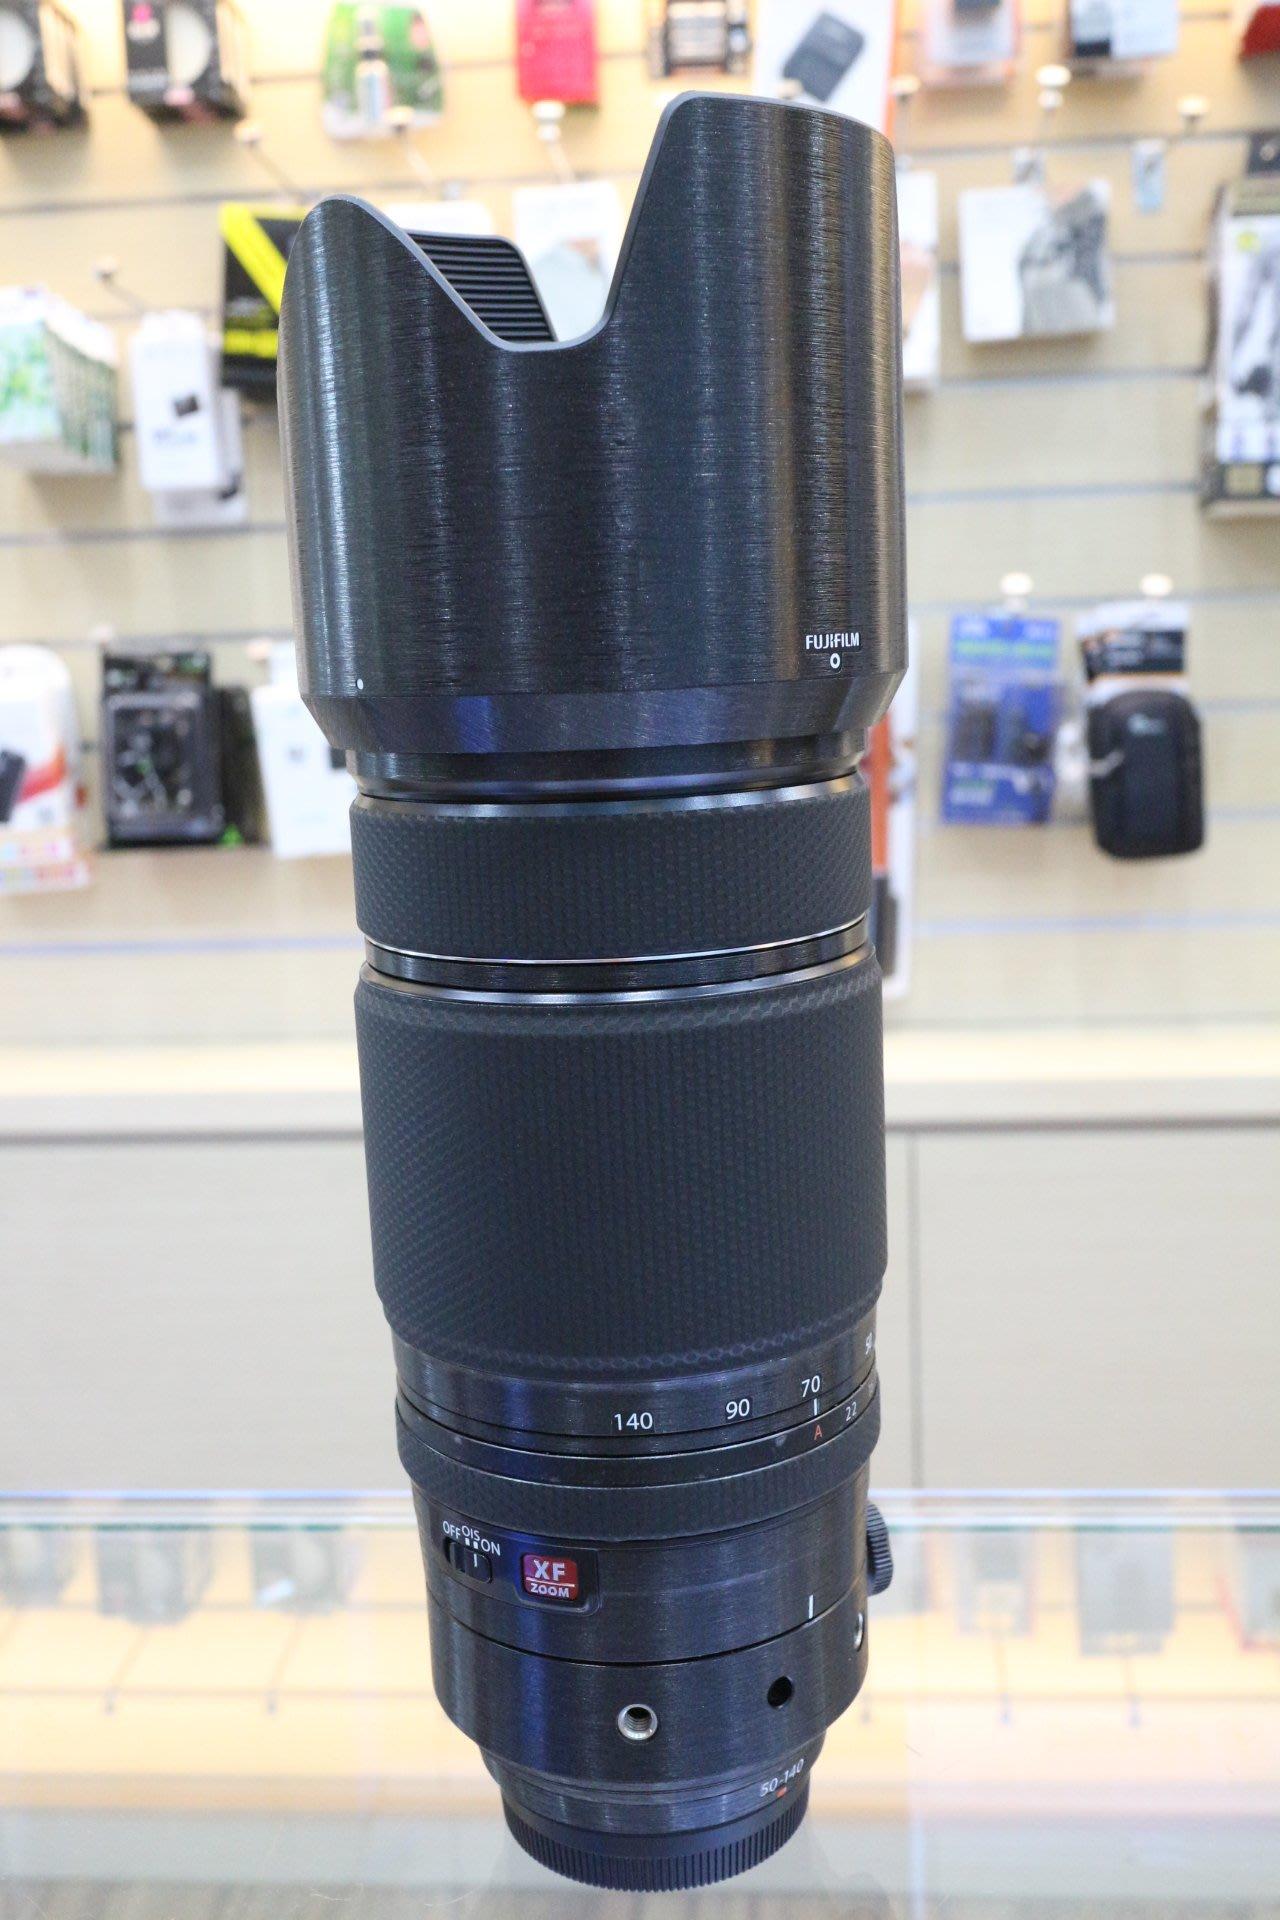 【日產旗艦】LIFE+GUARD FUJI XF 50-140mm 鏡頭包膜 鏡頭貼膜 鏡頭保護貼 另有 16-55mm